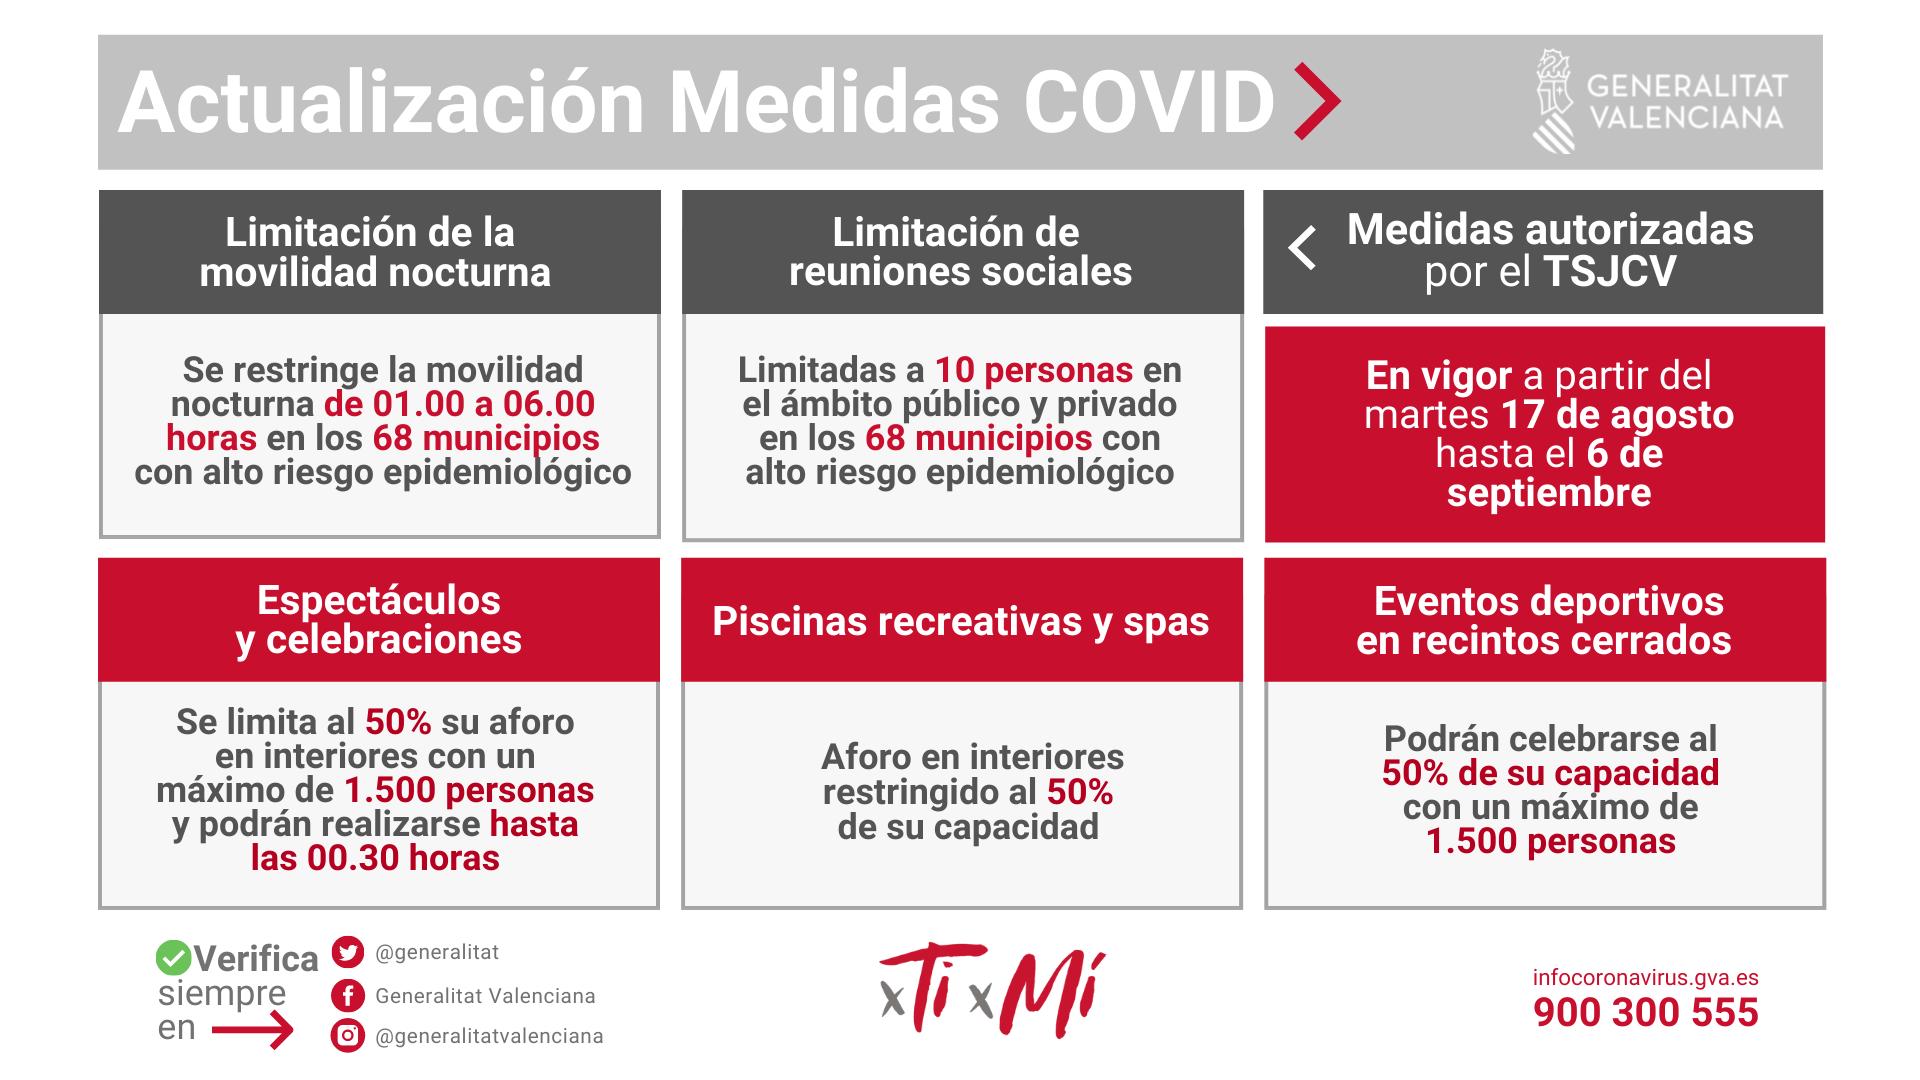 Actualización de Medidas COVID